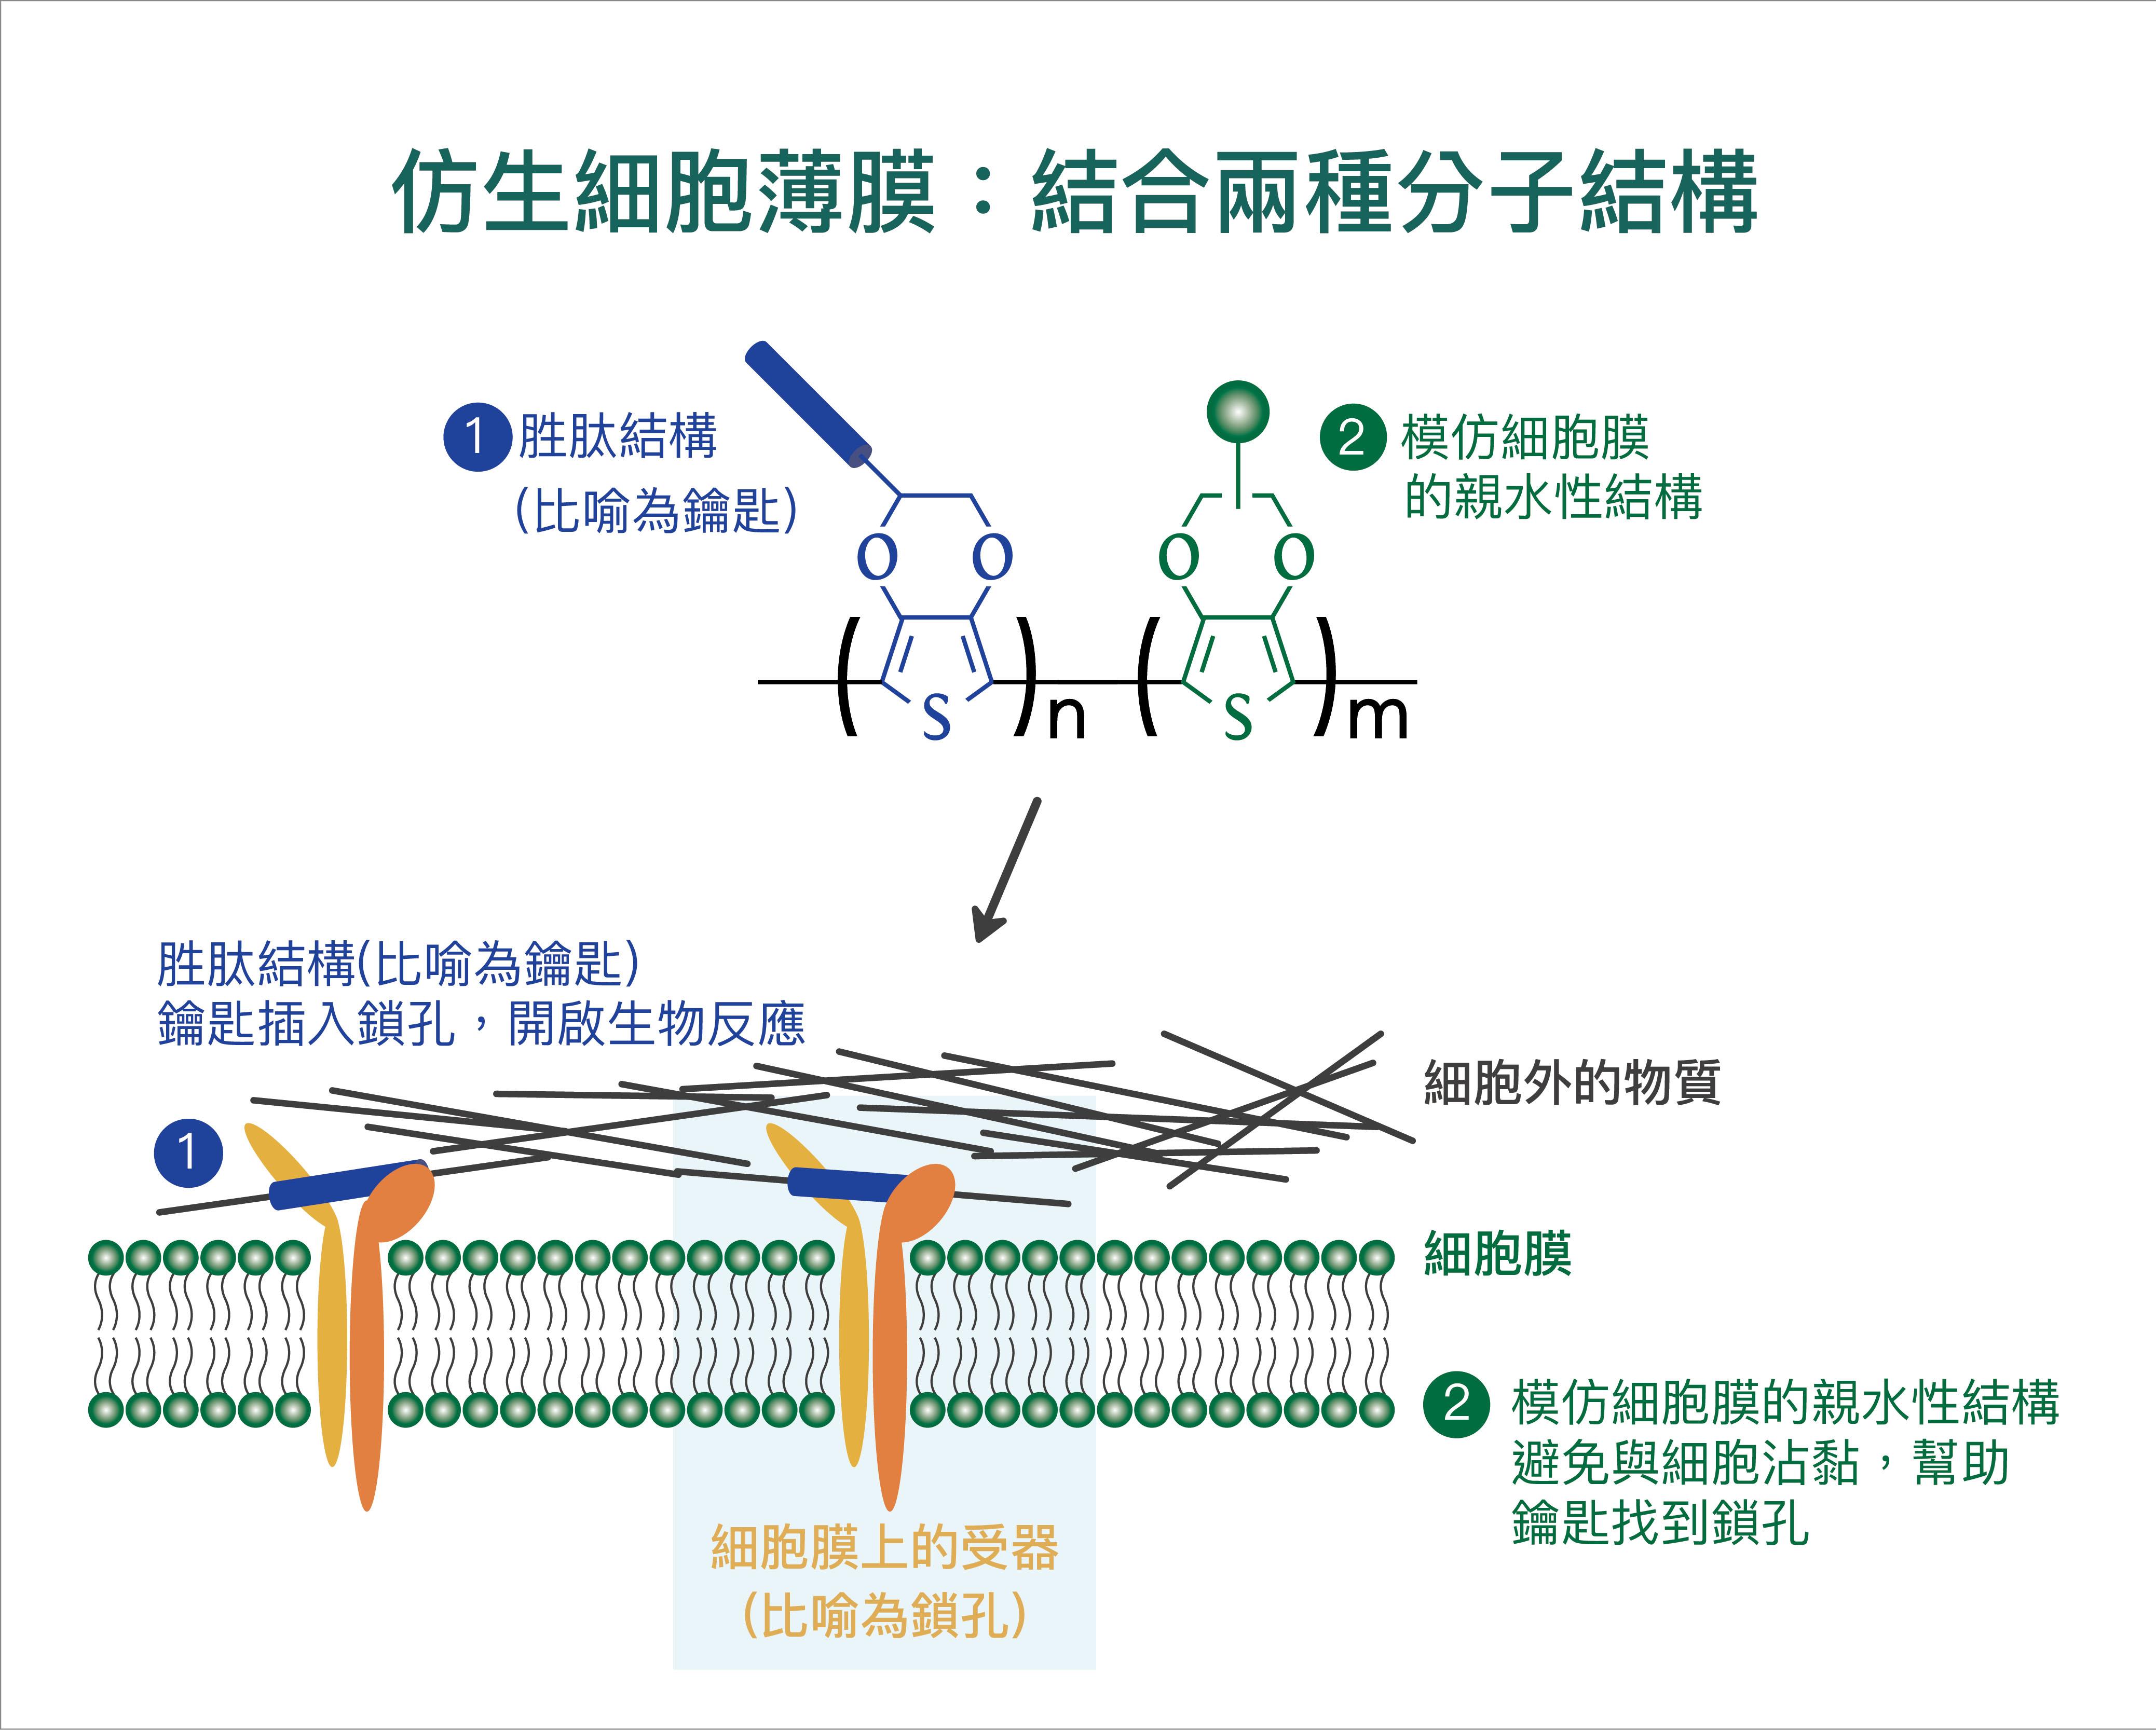 (1)細胞膜上的特定受器 (integrin) 會辨識「仿生細胞薄膜」上的特定胜肽 (peptide),宛如鎖孔與鑰匙結合。(2)為了避免細胞非特異性的沾黏,「仿生細胞薄膜」還需加上模仿細胞膜的親水性結構。 資料來源│尤嘯華提供 圖說重製│王怡蓁、張語辰